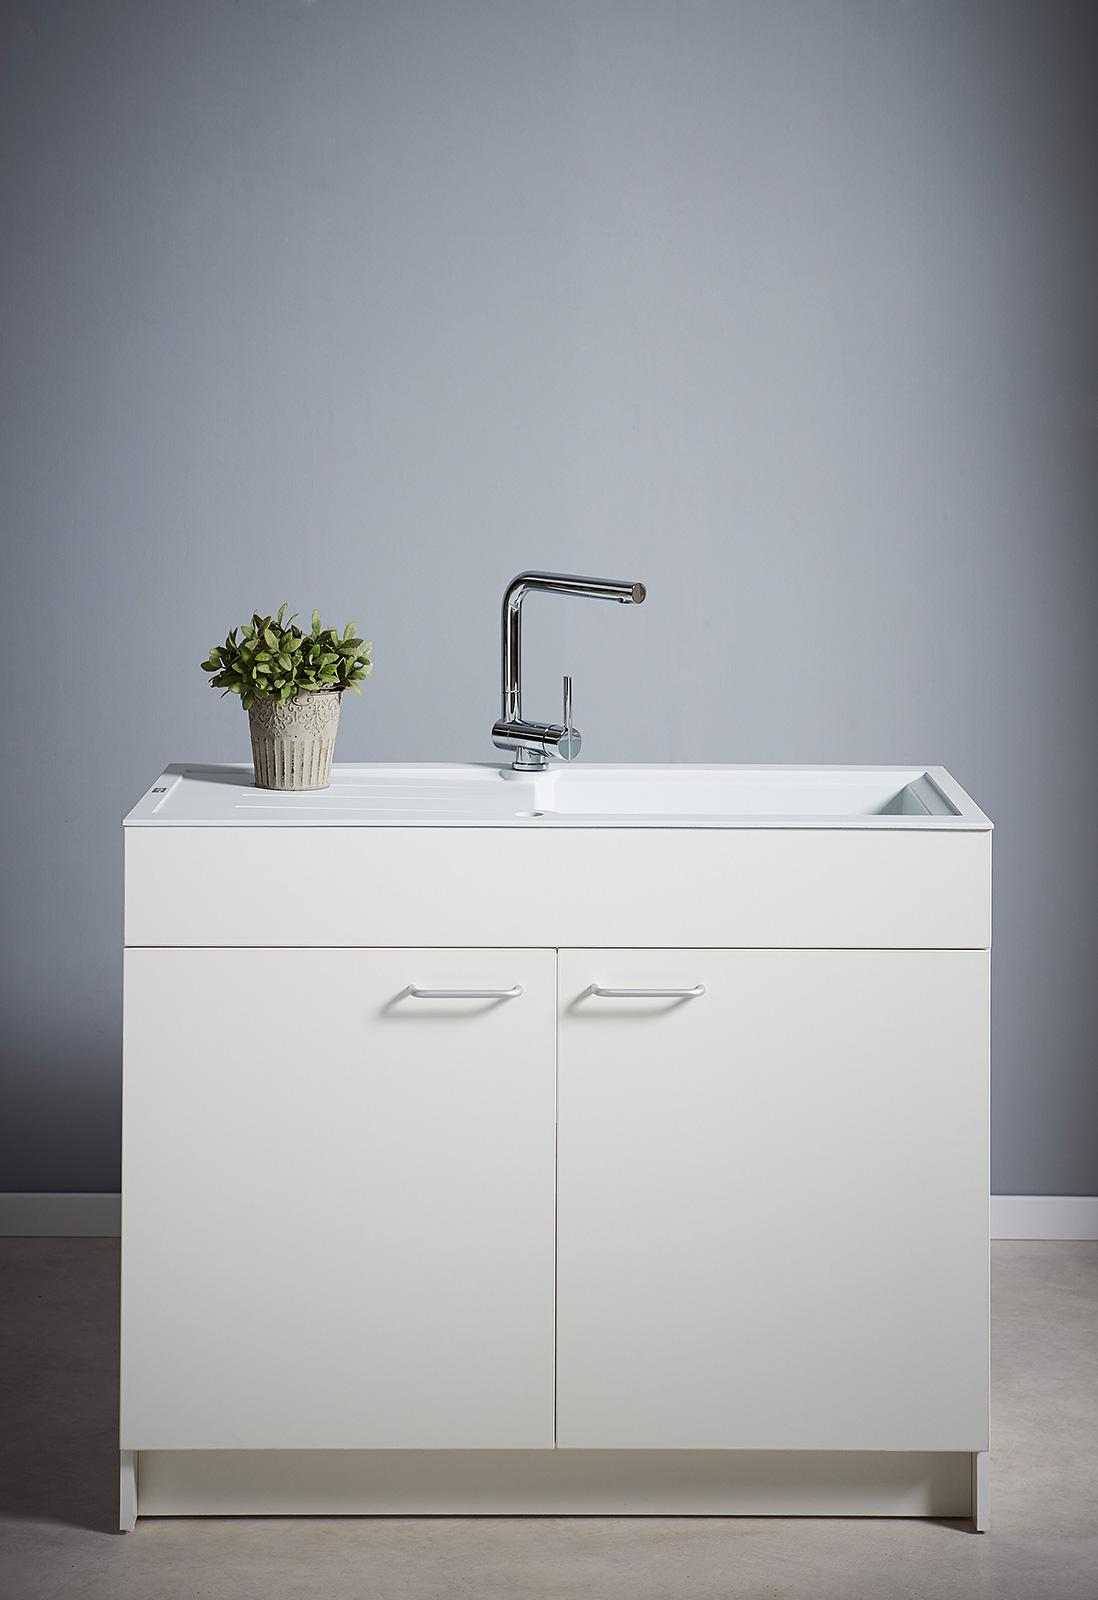 Carea sanitaire concept meuble vier carea roscoff pour la - Vide sanitaire meuble cuisine ...